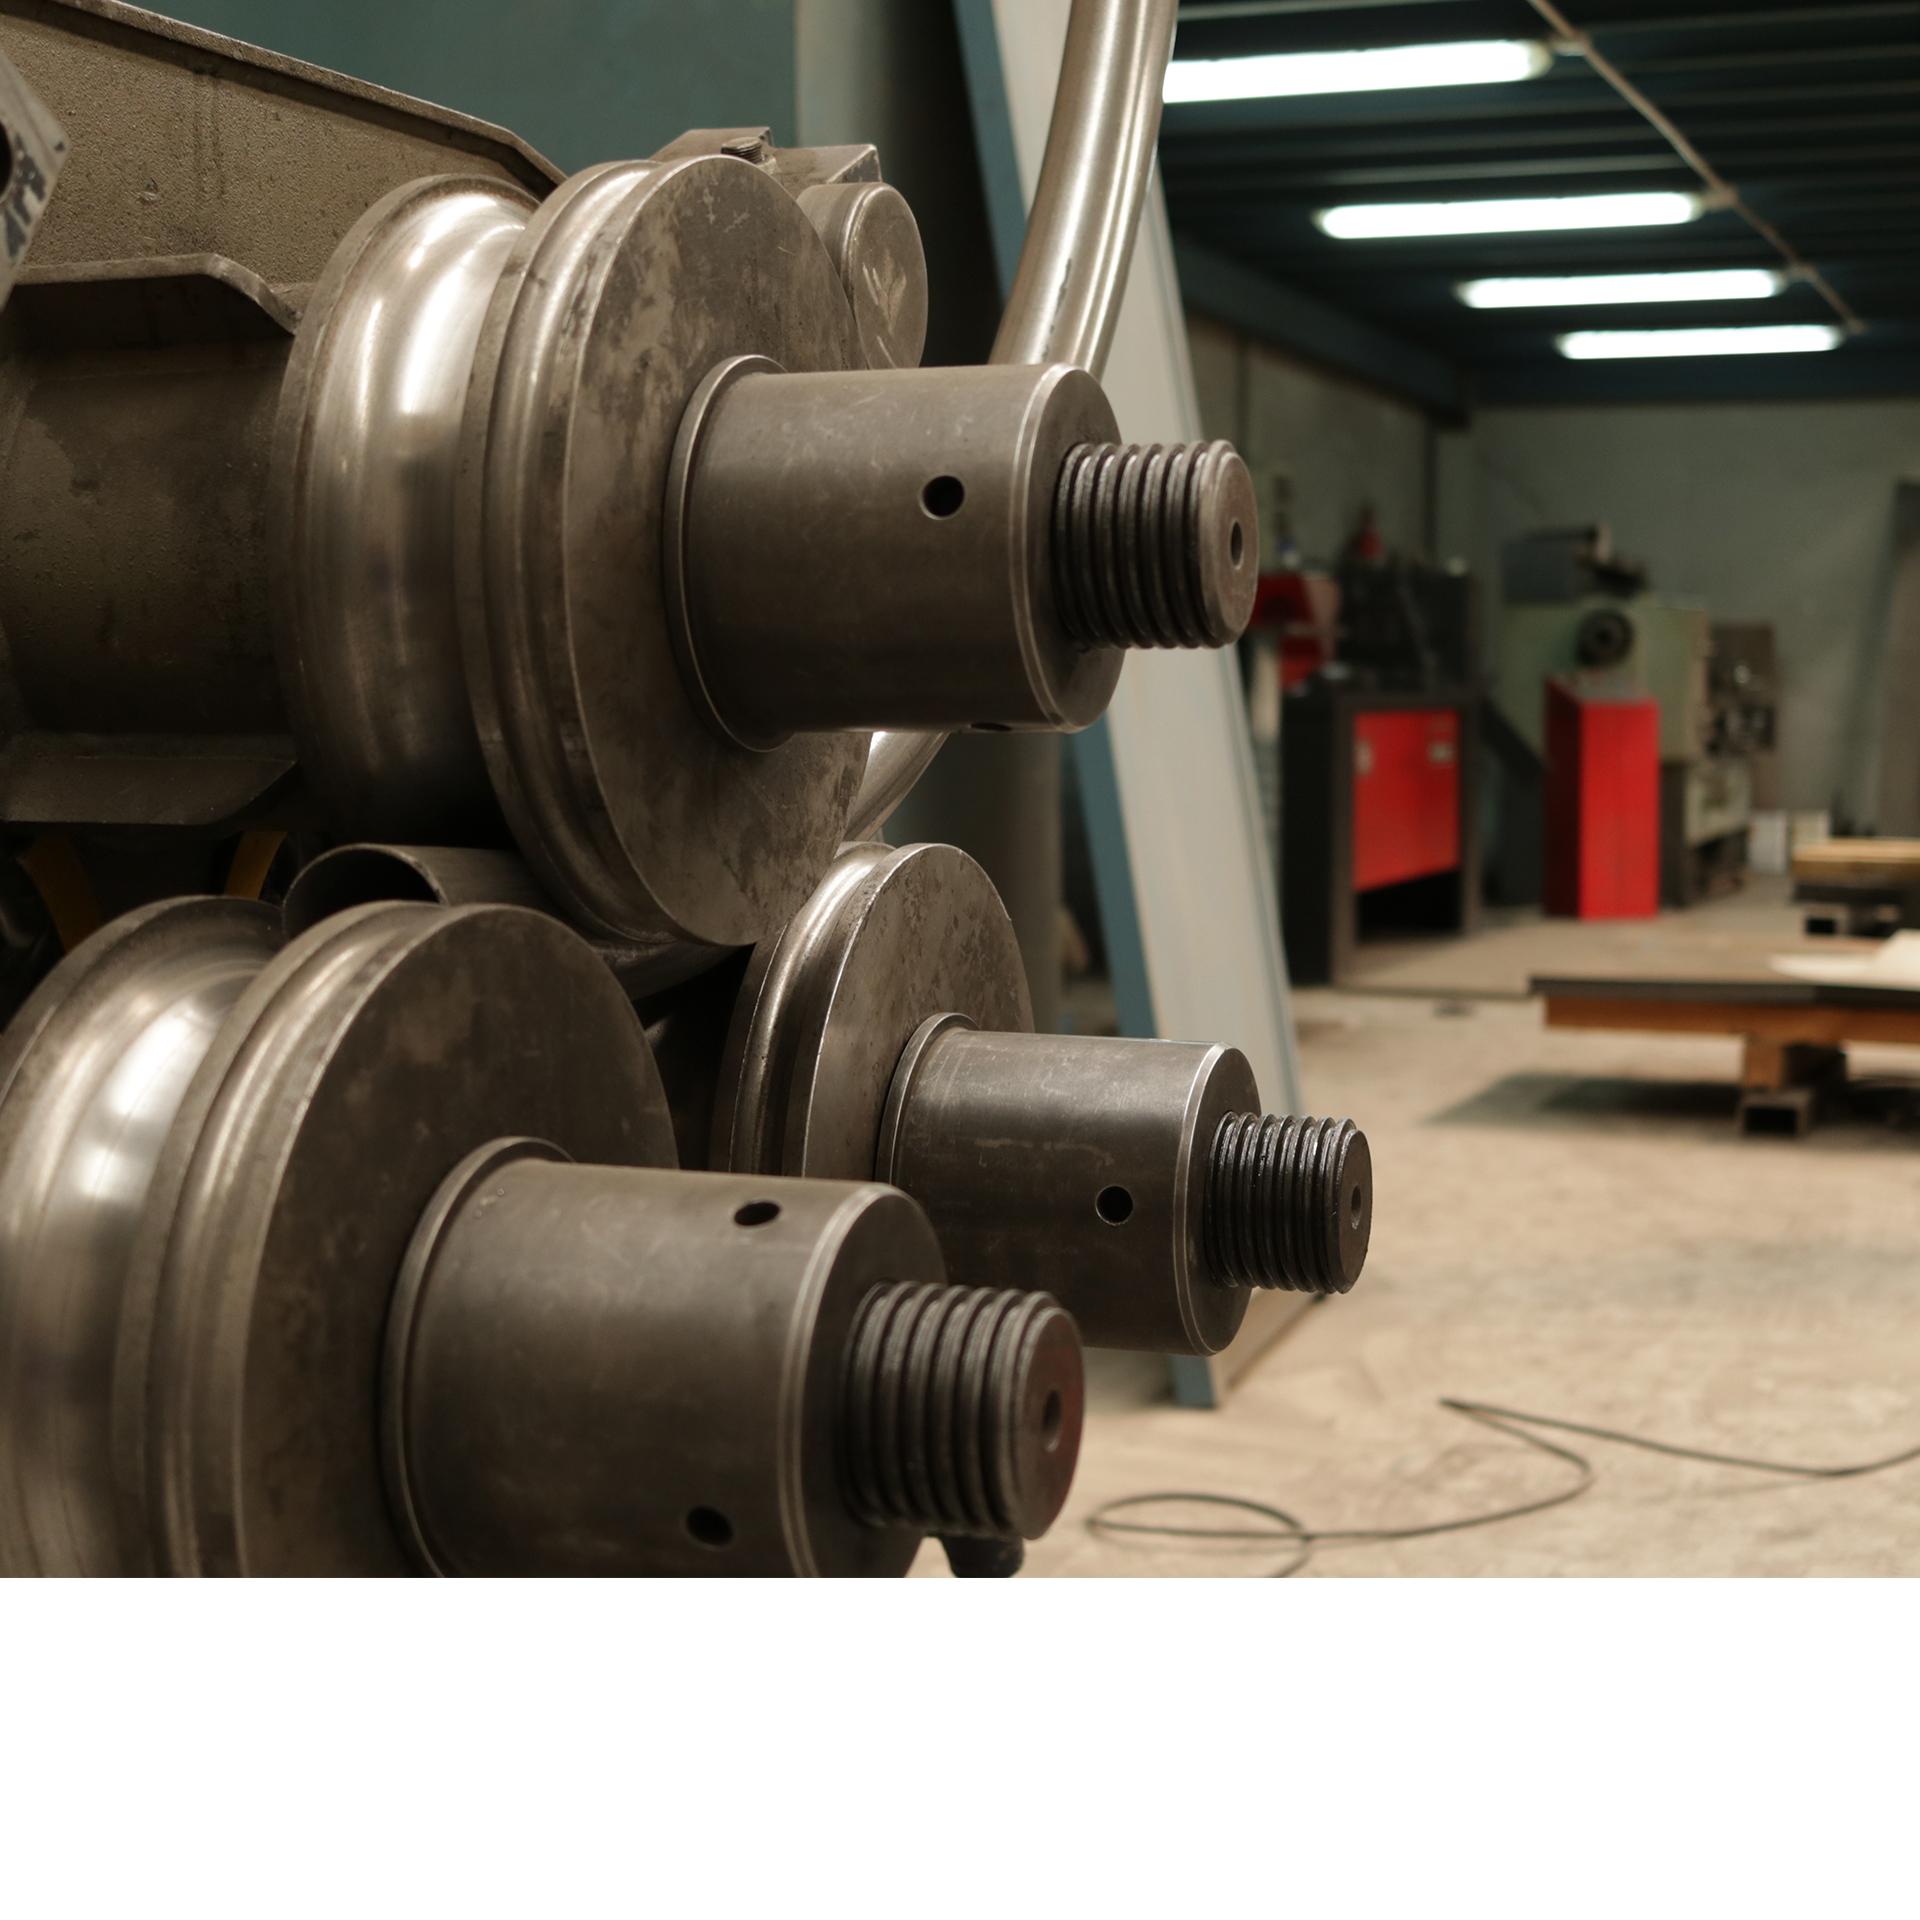 ifametal empresa de fabricacion con acero inoxidable